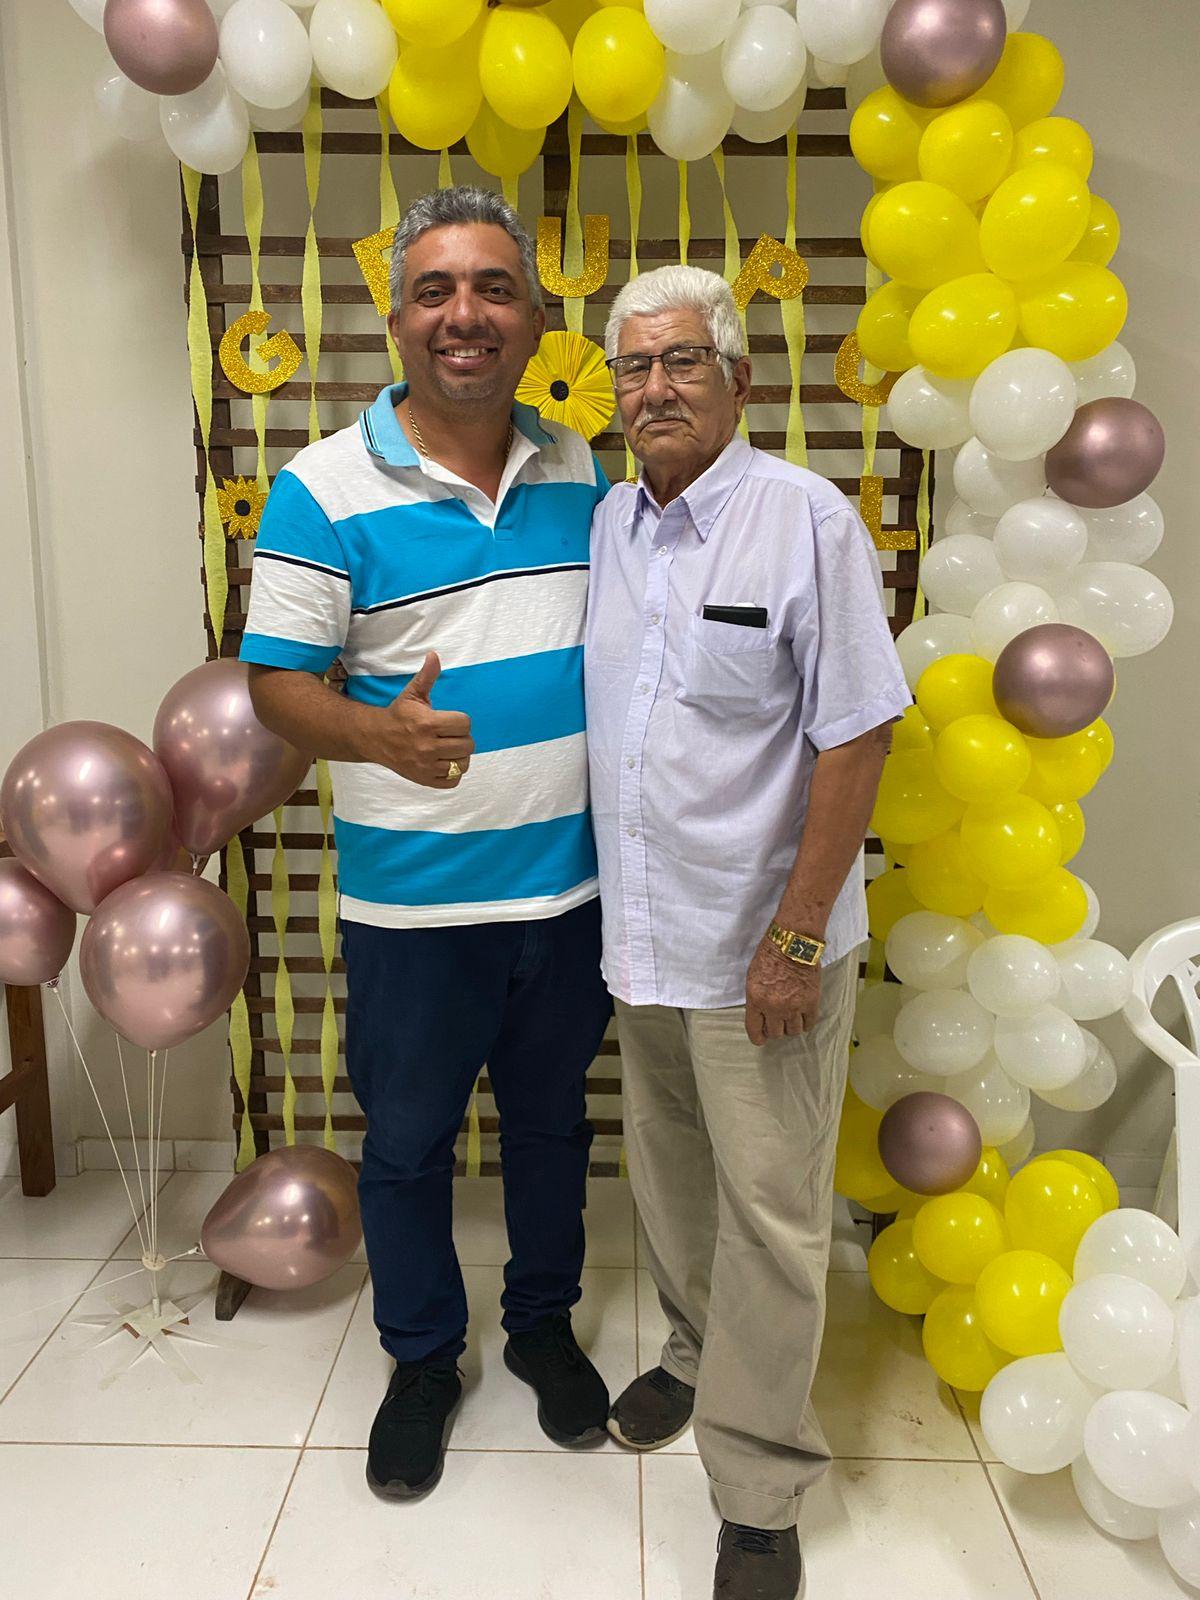 Prefeito Júnior do Posto realiza festa em comemoração ao DIA DO IDOSO em Itaipava do Grajaú